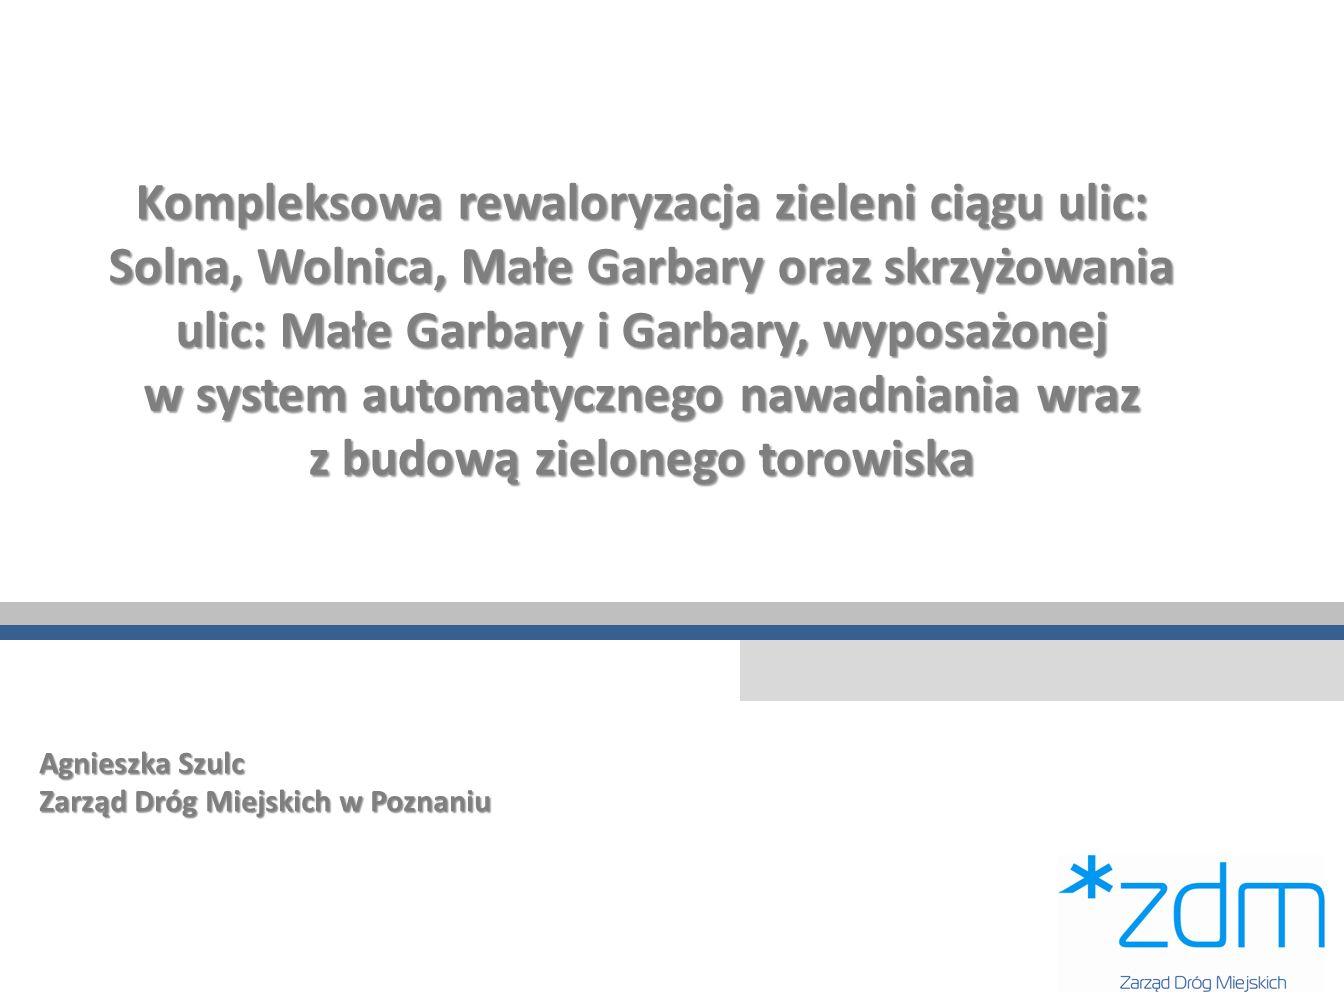 Kompleksowa rewaloryzacja zieleni ciągu ulic: Solna, Wolnica, Małe Garbary oraz skrzyżowania ulic: Małe Garbary i Garbary, wyposażonej w system automa